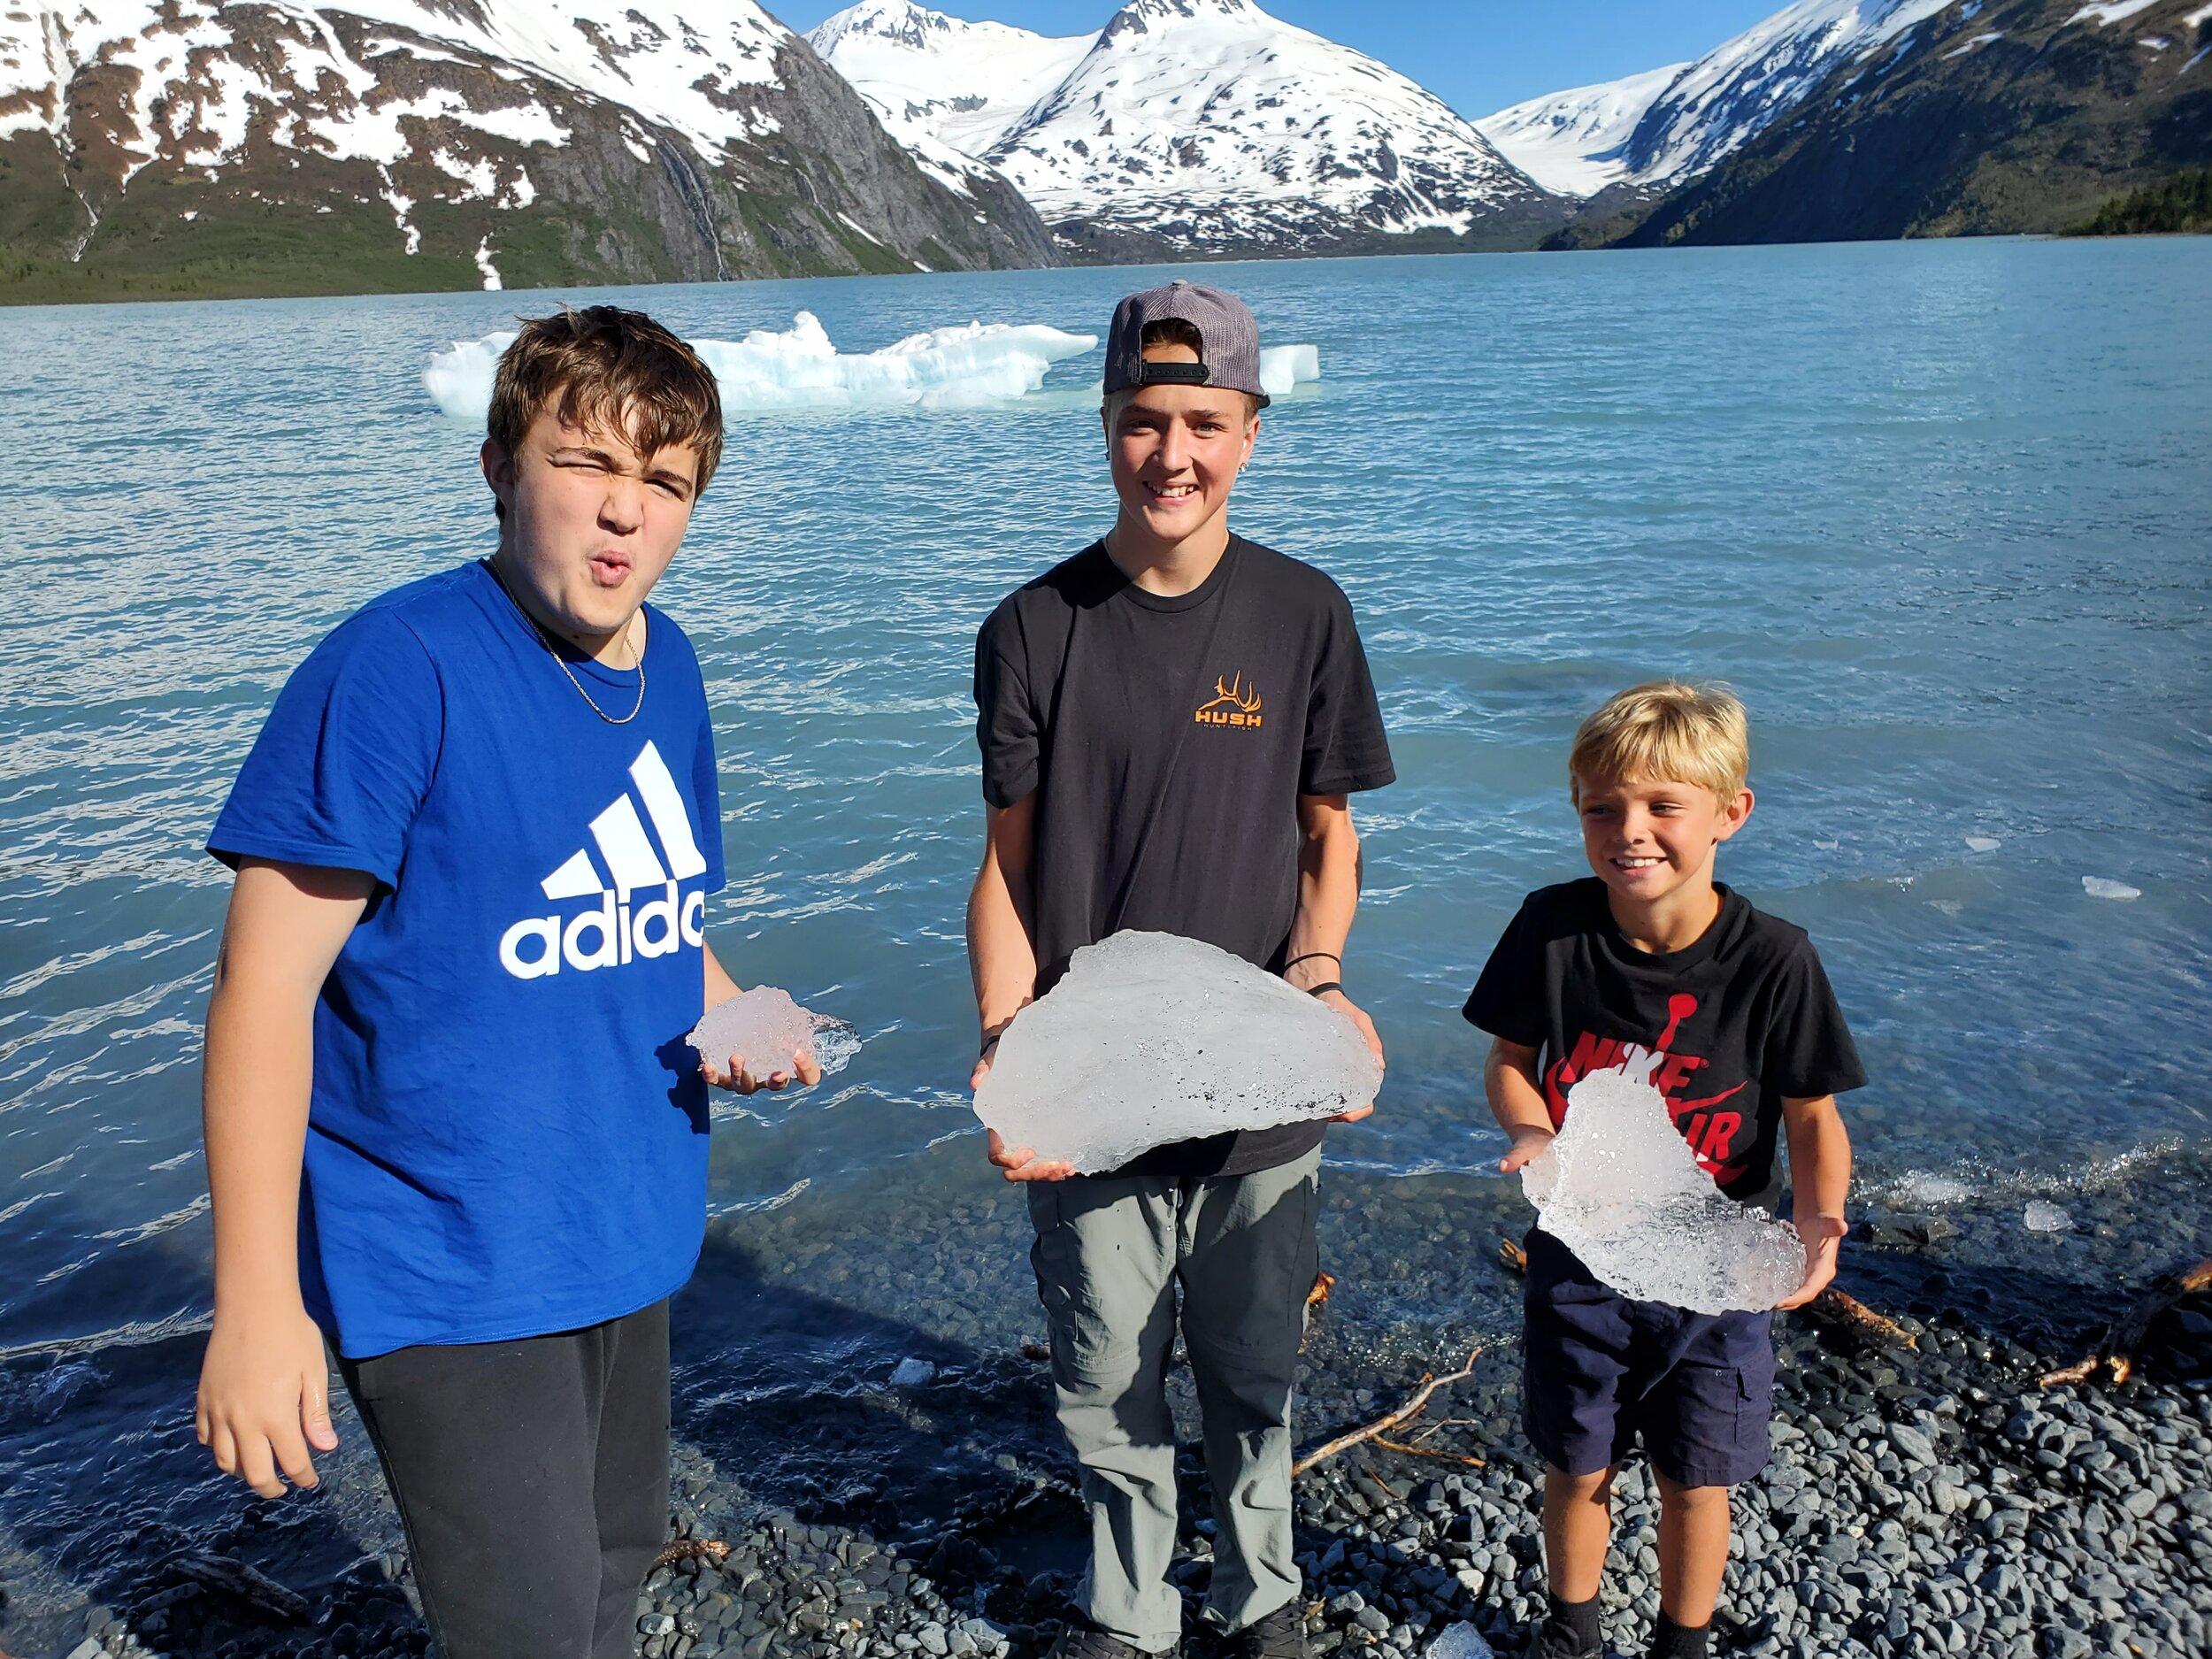 Alaska Adventure 2021: Portage Glacier, Global Warming In Action